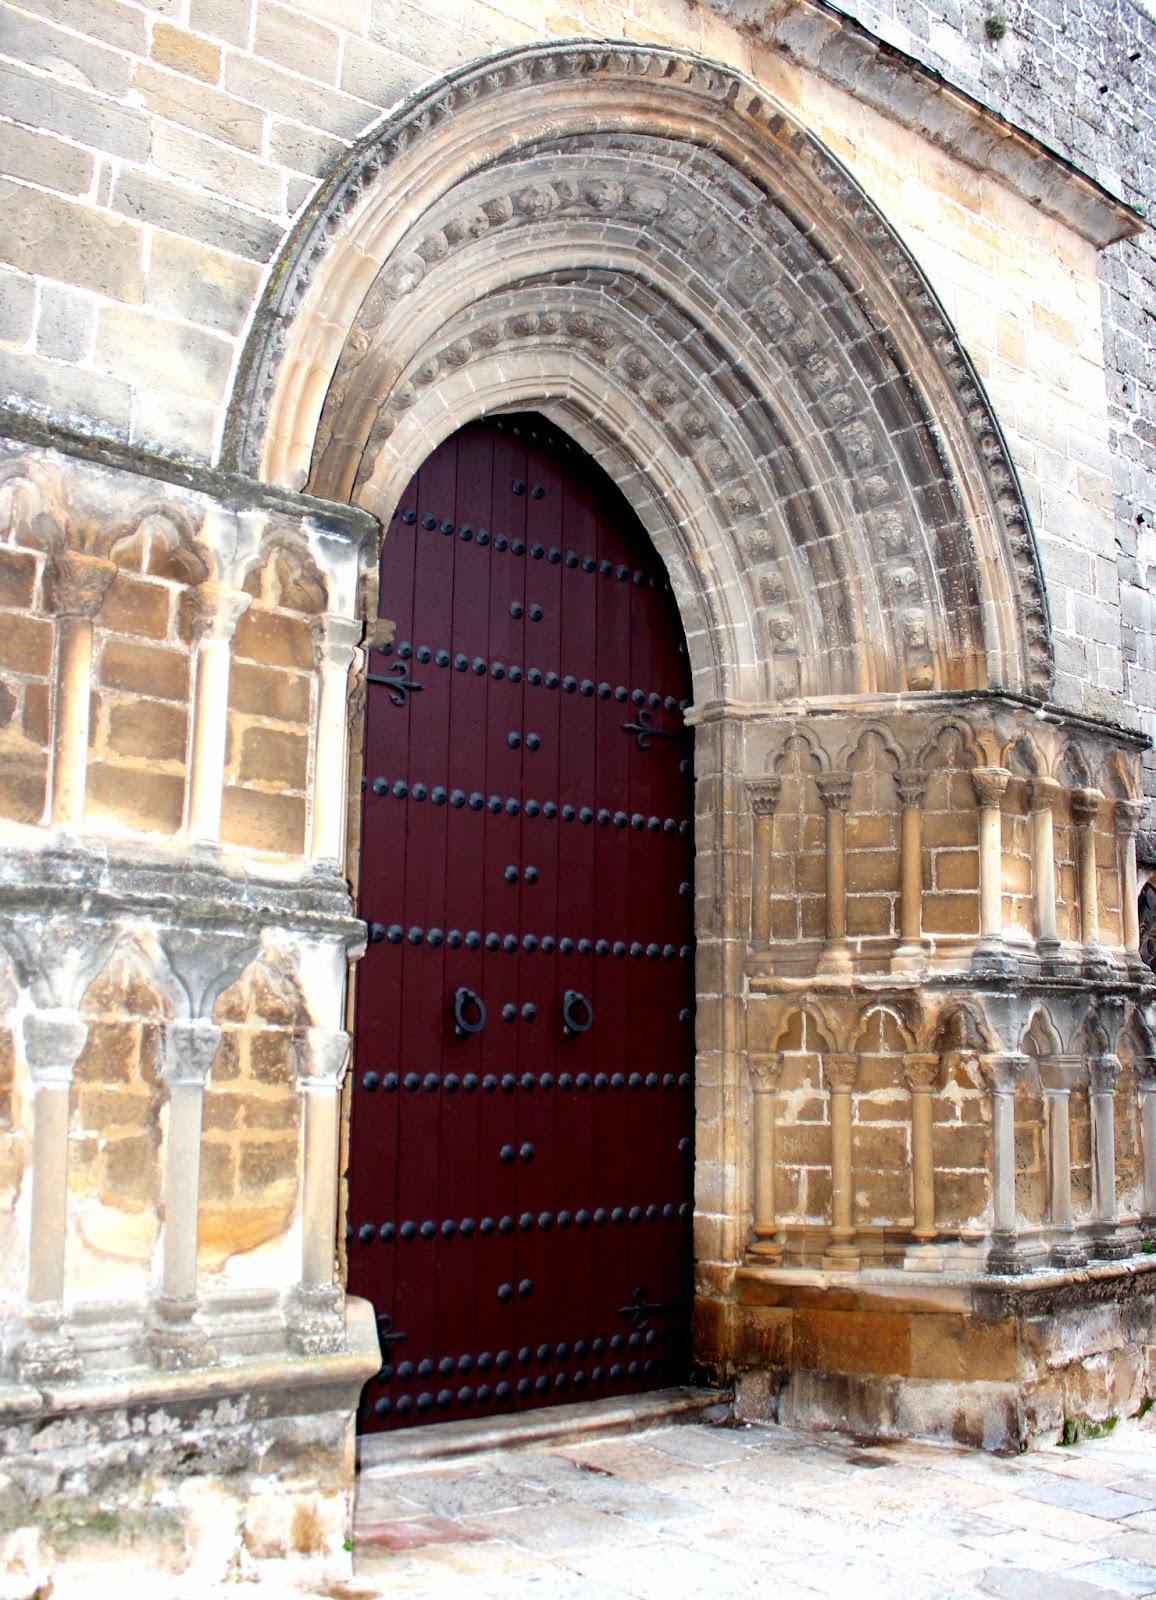 Puerta románica de la iglesia de San Pablo en Úbeda